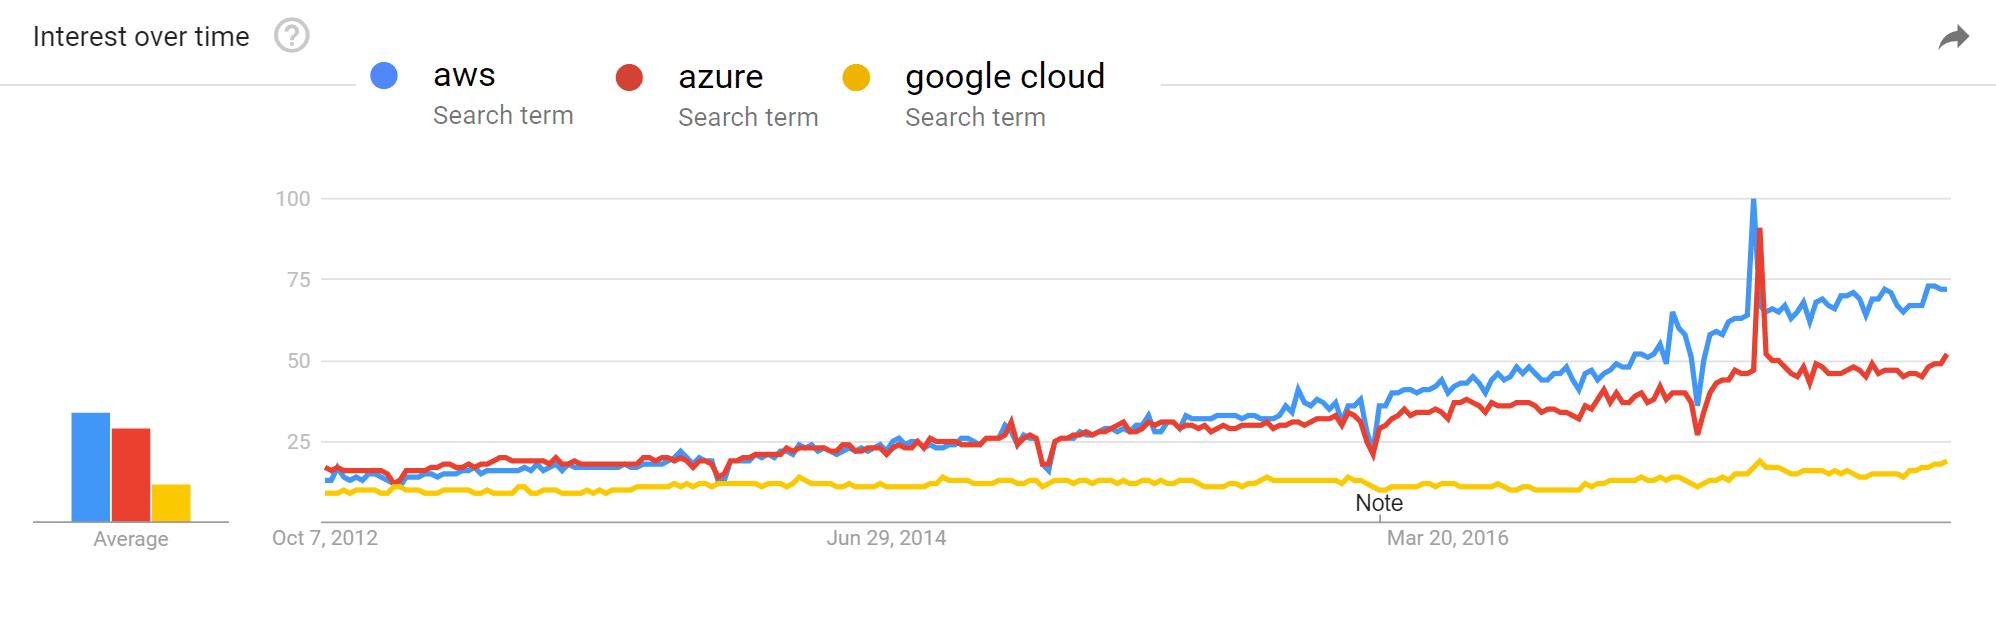 Tendências do Google sobre provedores de computação em nuvem